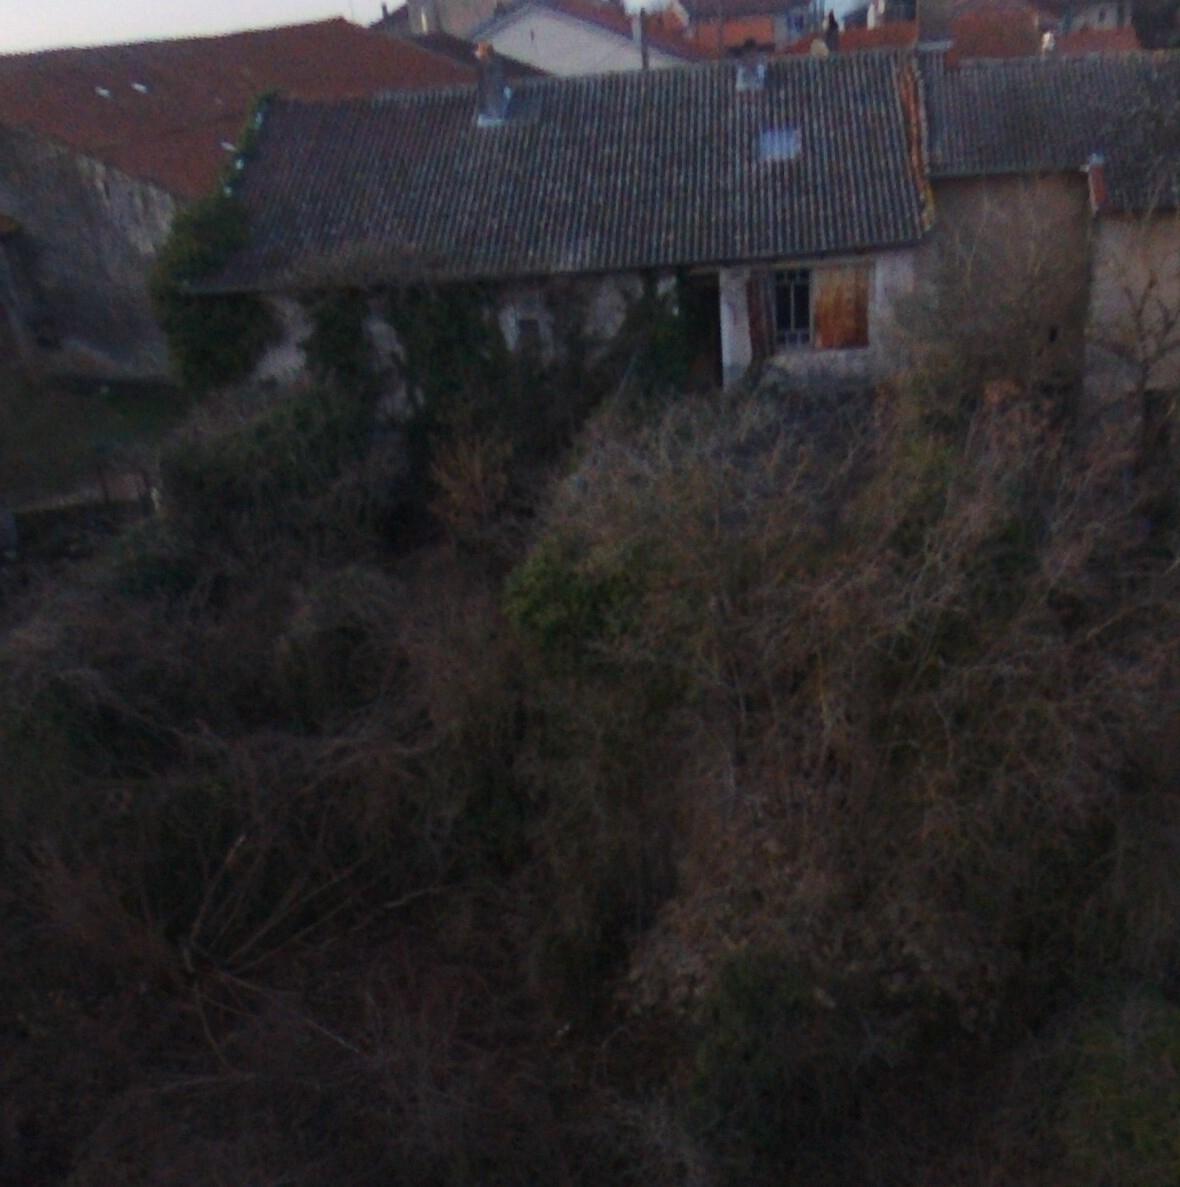 Image 3 de l'annonce : st germain Vente MAISON 170m2